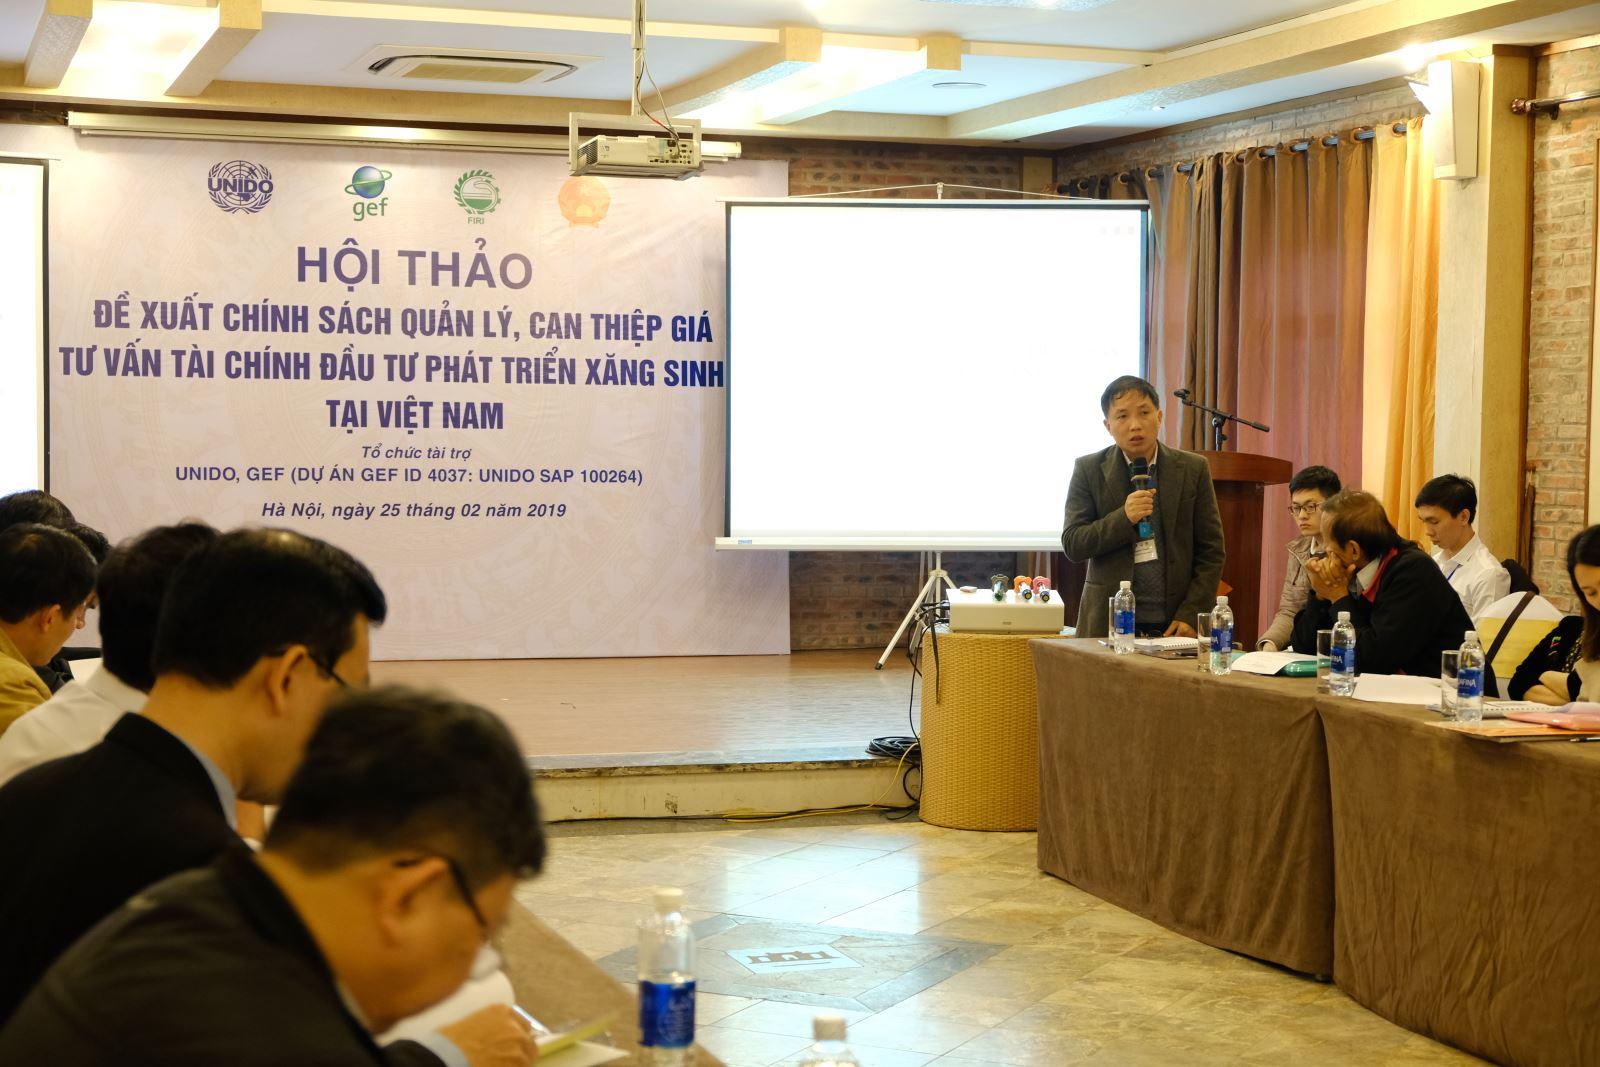 PGS. TS. Vũ Nguyên Thành- Phó Viện trưởng Viện Công nghiệp thực phẩm, Điều phối viên Dự án kết luận Hội thảo (Ảnh: Đinh Đức Hiền)